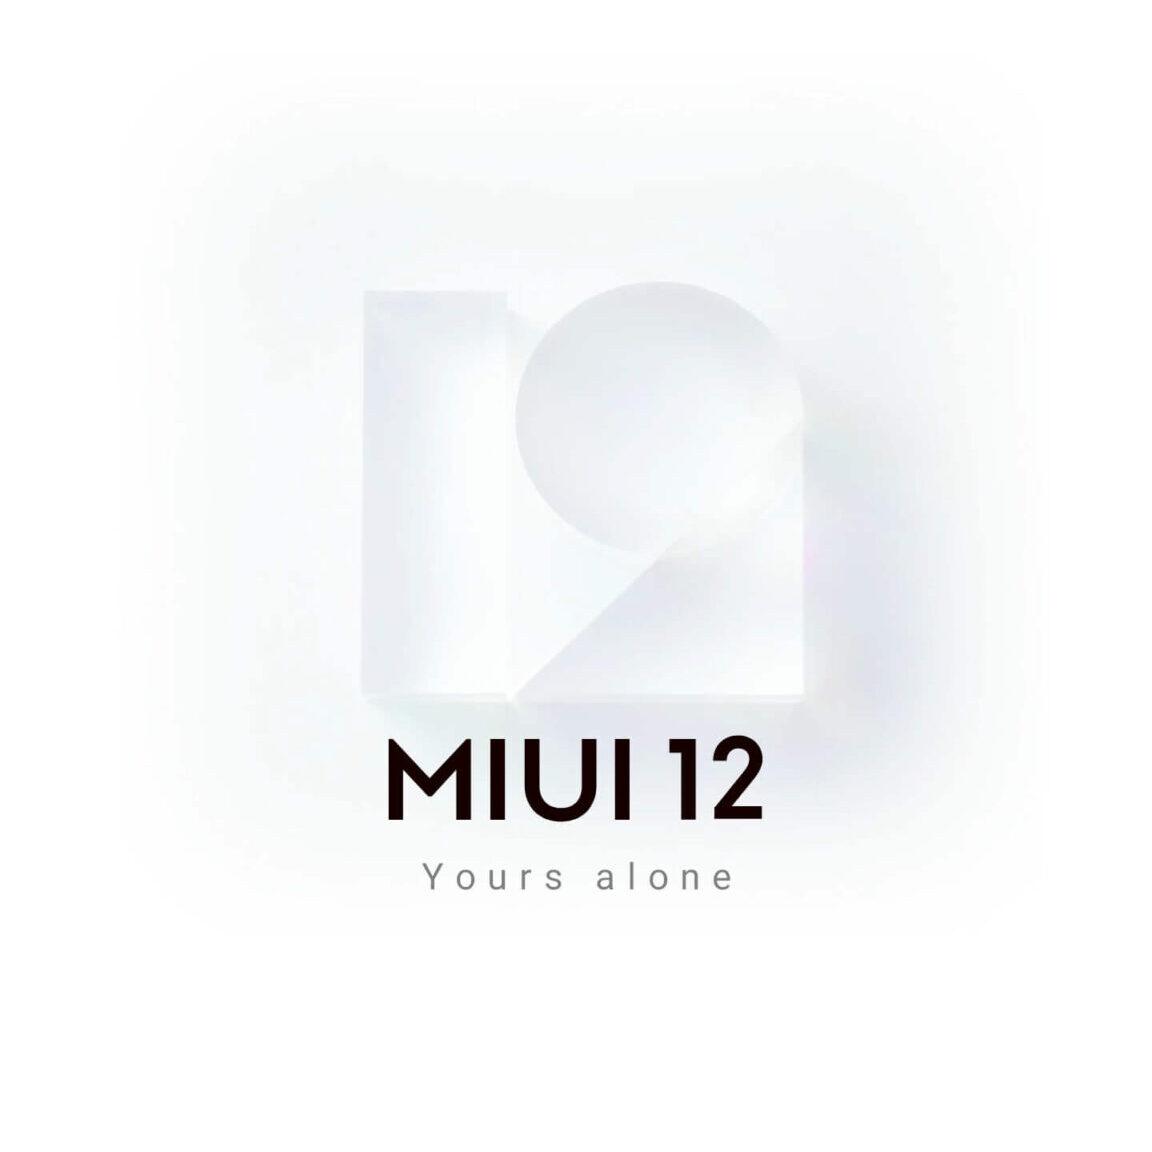 Mi 11はMIUI 12